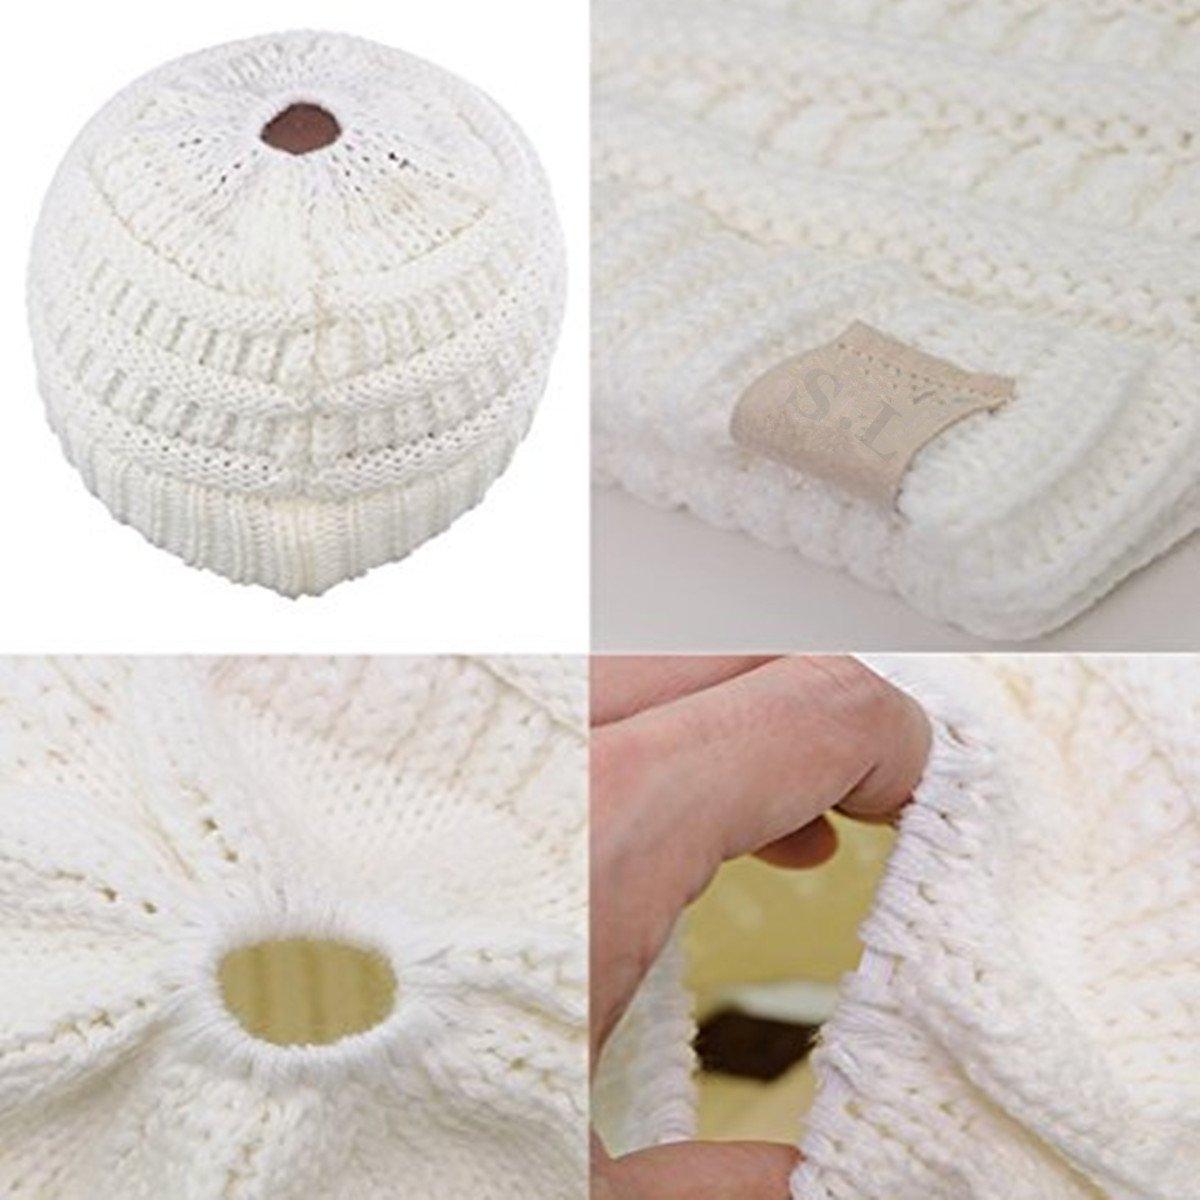 SEALEN Chapeau Tricot Dhiver Automne Chaude Chapeaux avec Trou de Queue de Cheval en Vogue Winter Hat White